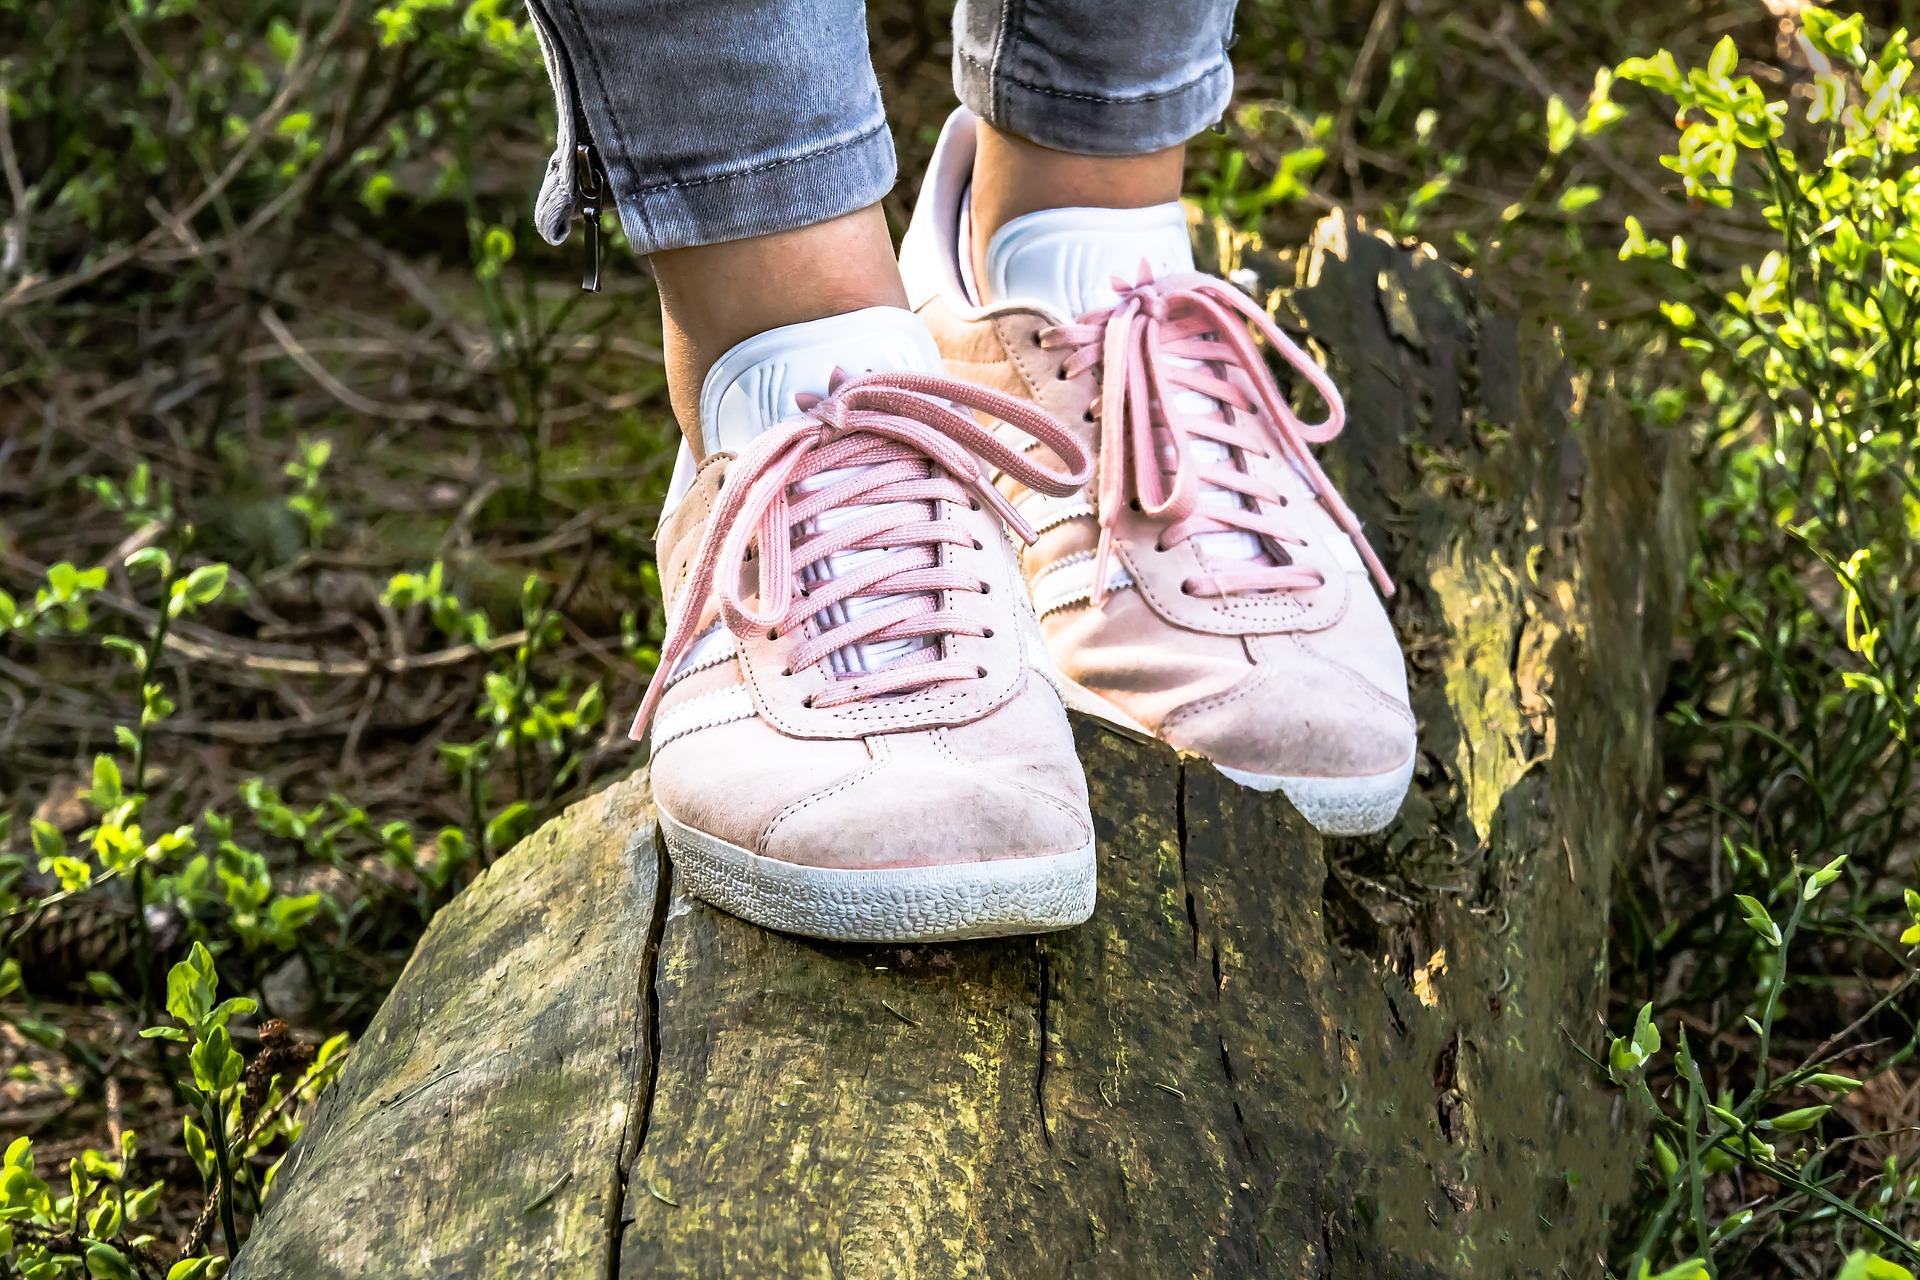 Nachhaltige Sneaker - Die besten nachhaltigen Sneaker finden